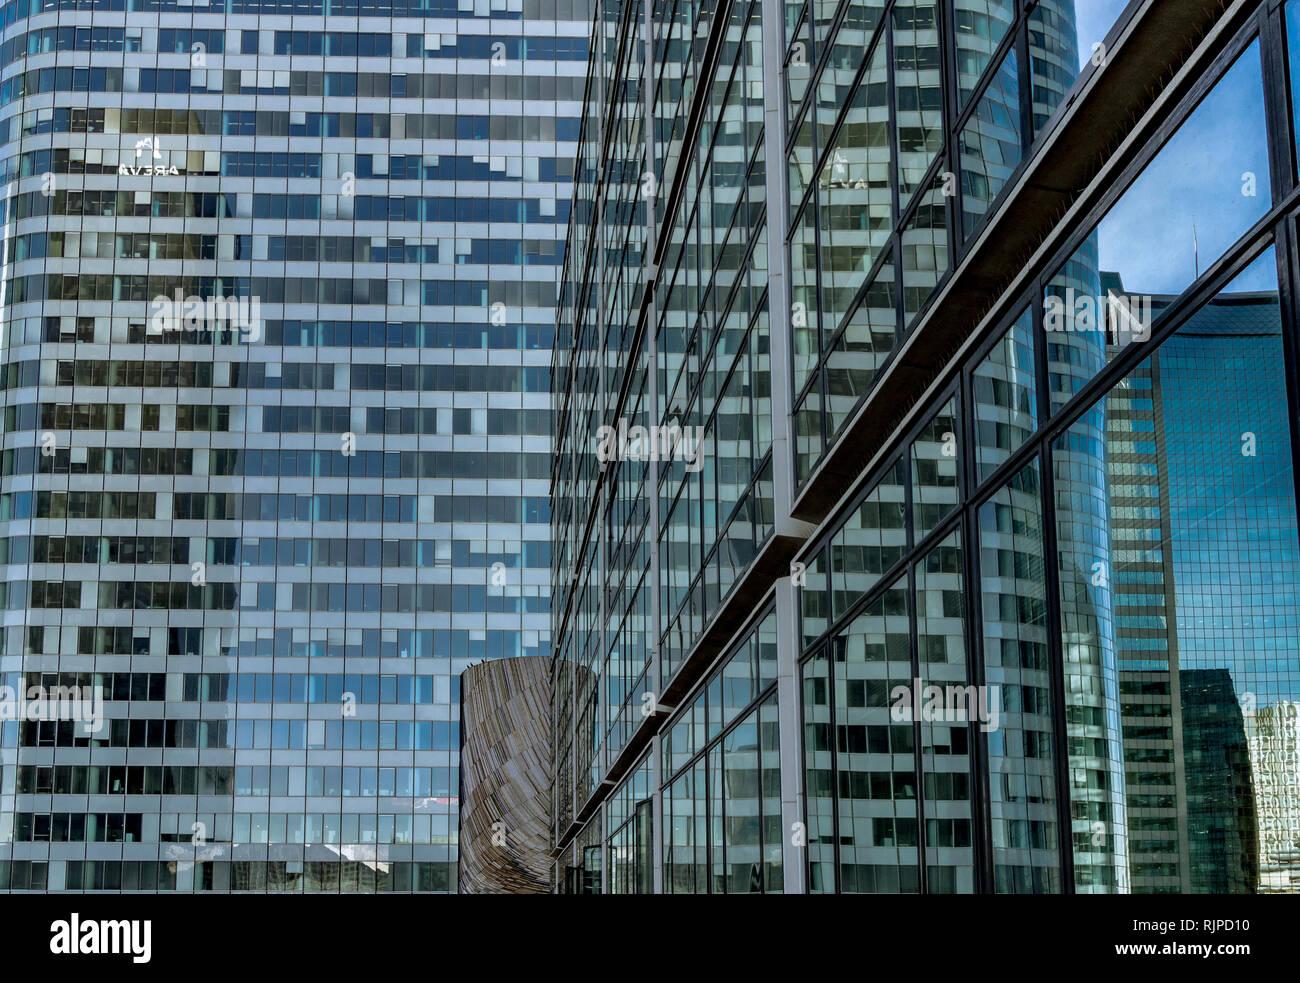 Riflessioni in Windows di un alto edificio di uffici La Défense , Parigi Foto Stock